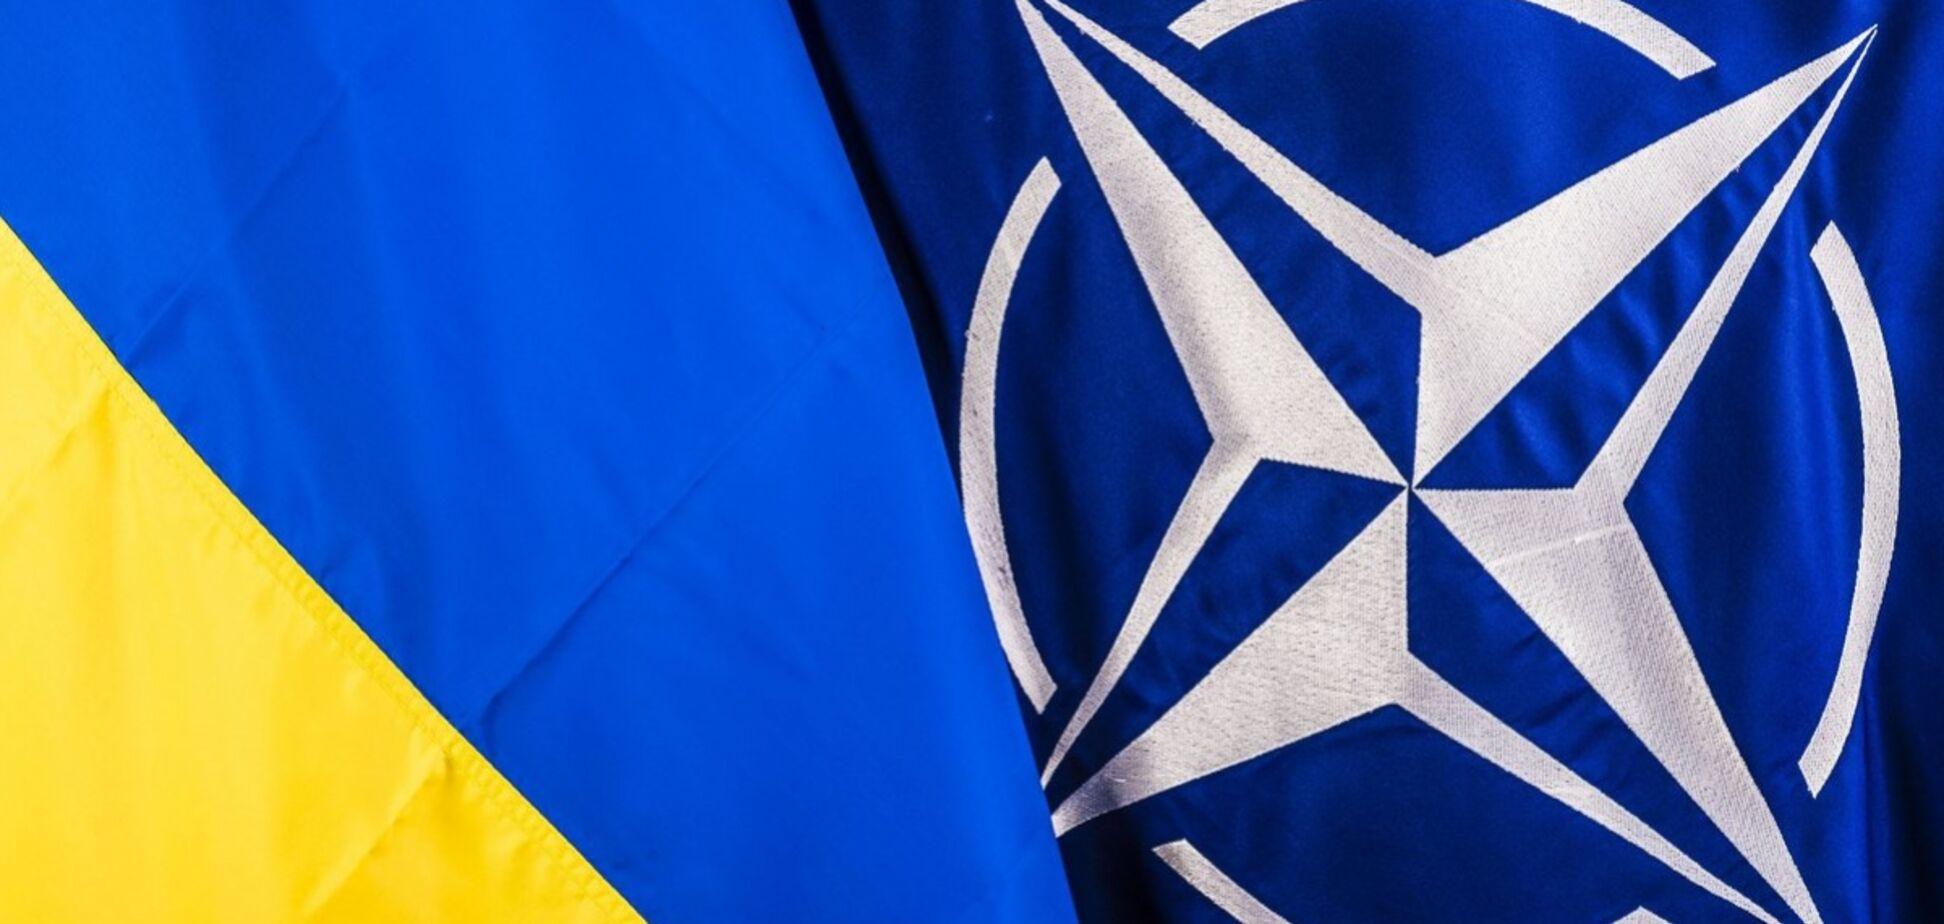 Заявка Украины на вступление в НАТО: появилась противоречивая информация